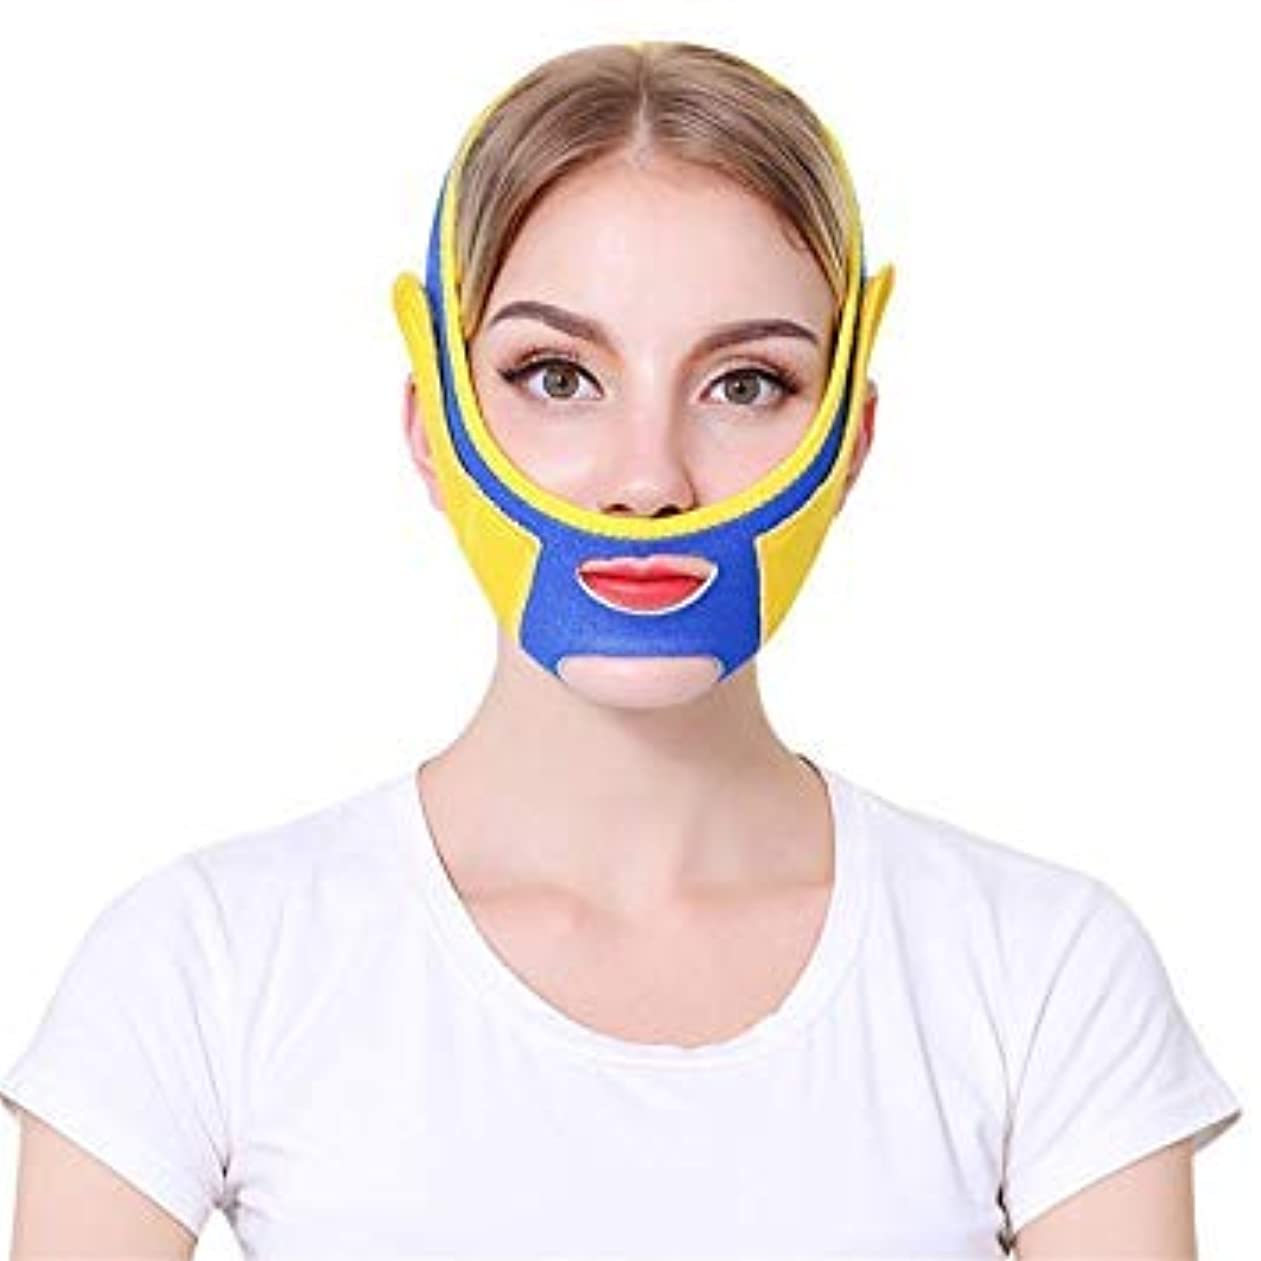 観点野な感動する顔のリフティングスリムウエストバンド、頬のV字型リフティング薄型マスク、滑らかで通気性のあるコンプレッションダブルあご付きで包帯を減らし、フェイスリフト/スリミング/スリープフェイス/マスクで体重を減らします (blue)